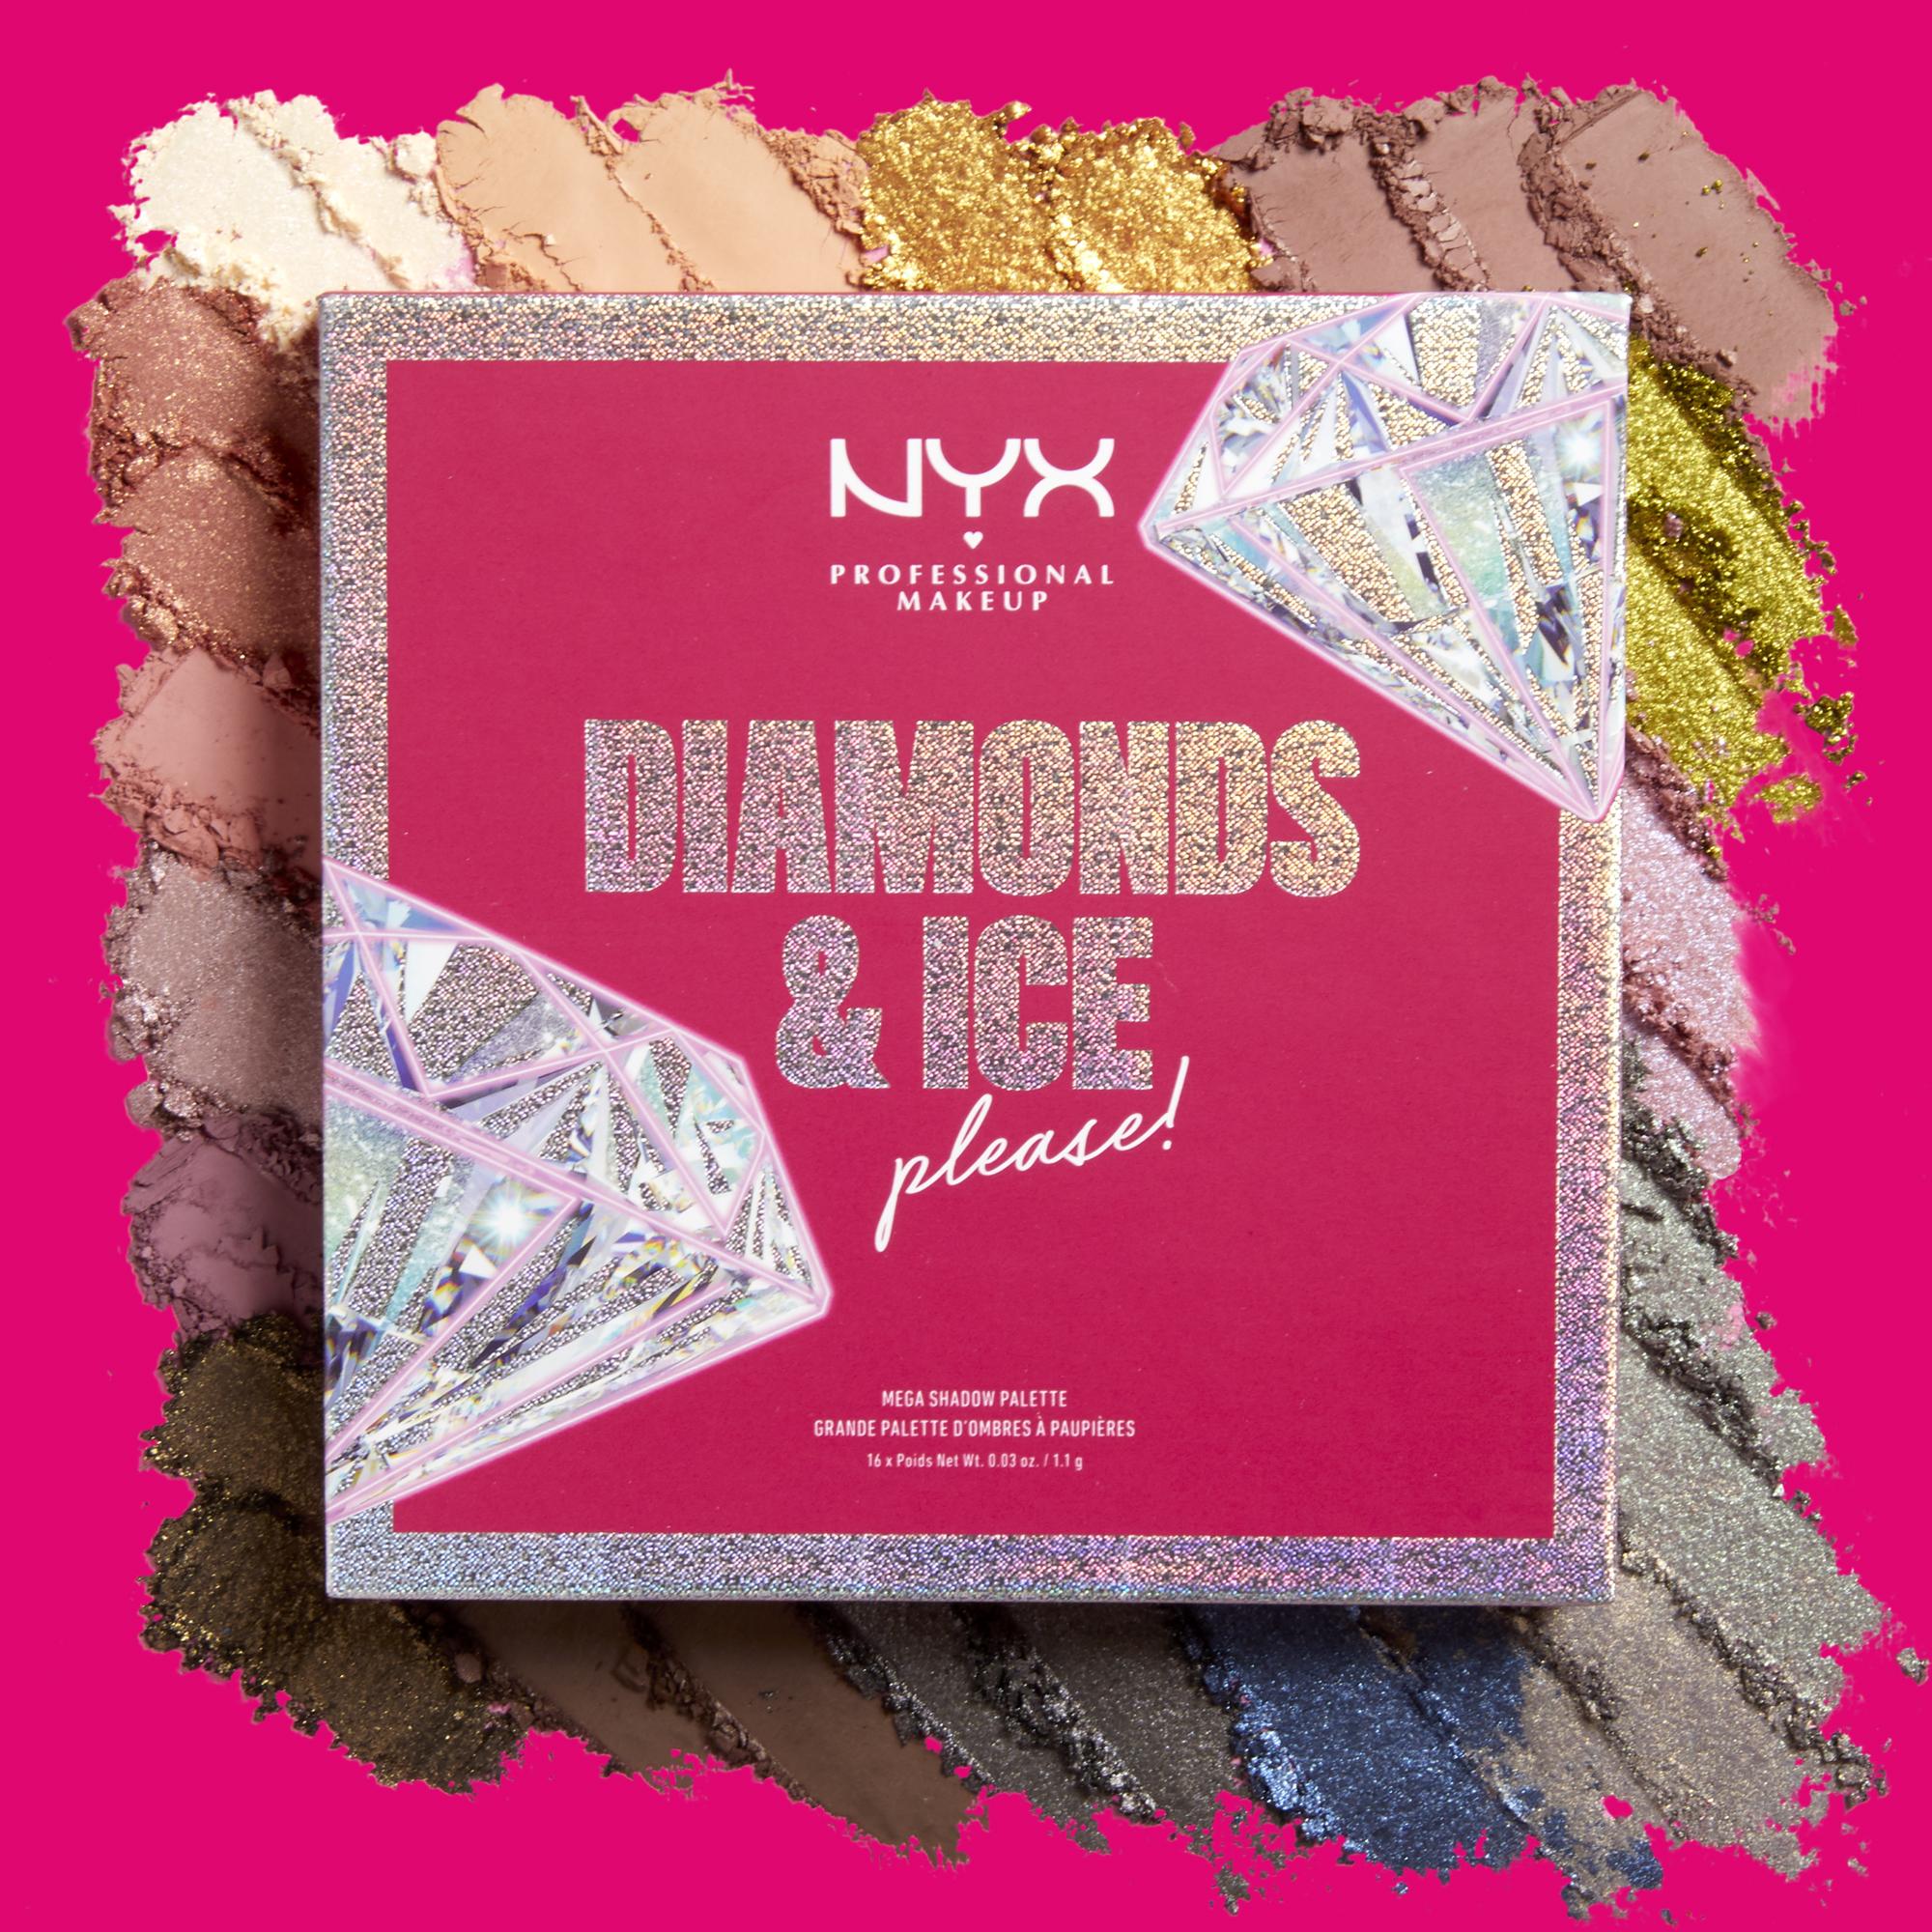 A todo color - NYX Professional Makeup Diamonds & Ice, Please! es una colección de edición limitada, inspirada en los diamantes y contiene productos como la Diamonds & Ice, Please! Mega Shadow Palette, una paleta de sombras con dieciséis tonos en acabado mate, satinado y con brillo. Está disponible en la tienda NYX Professional Makeup de Plaza Las Américas, Walmart, Walgreens y nyxcosmetics.pr. (Suministrada)